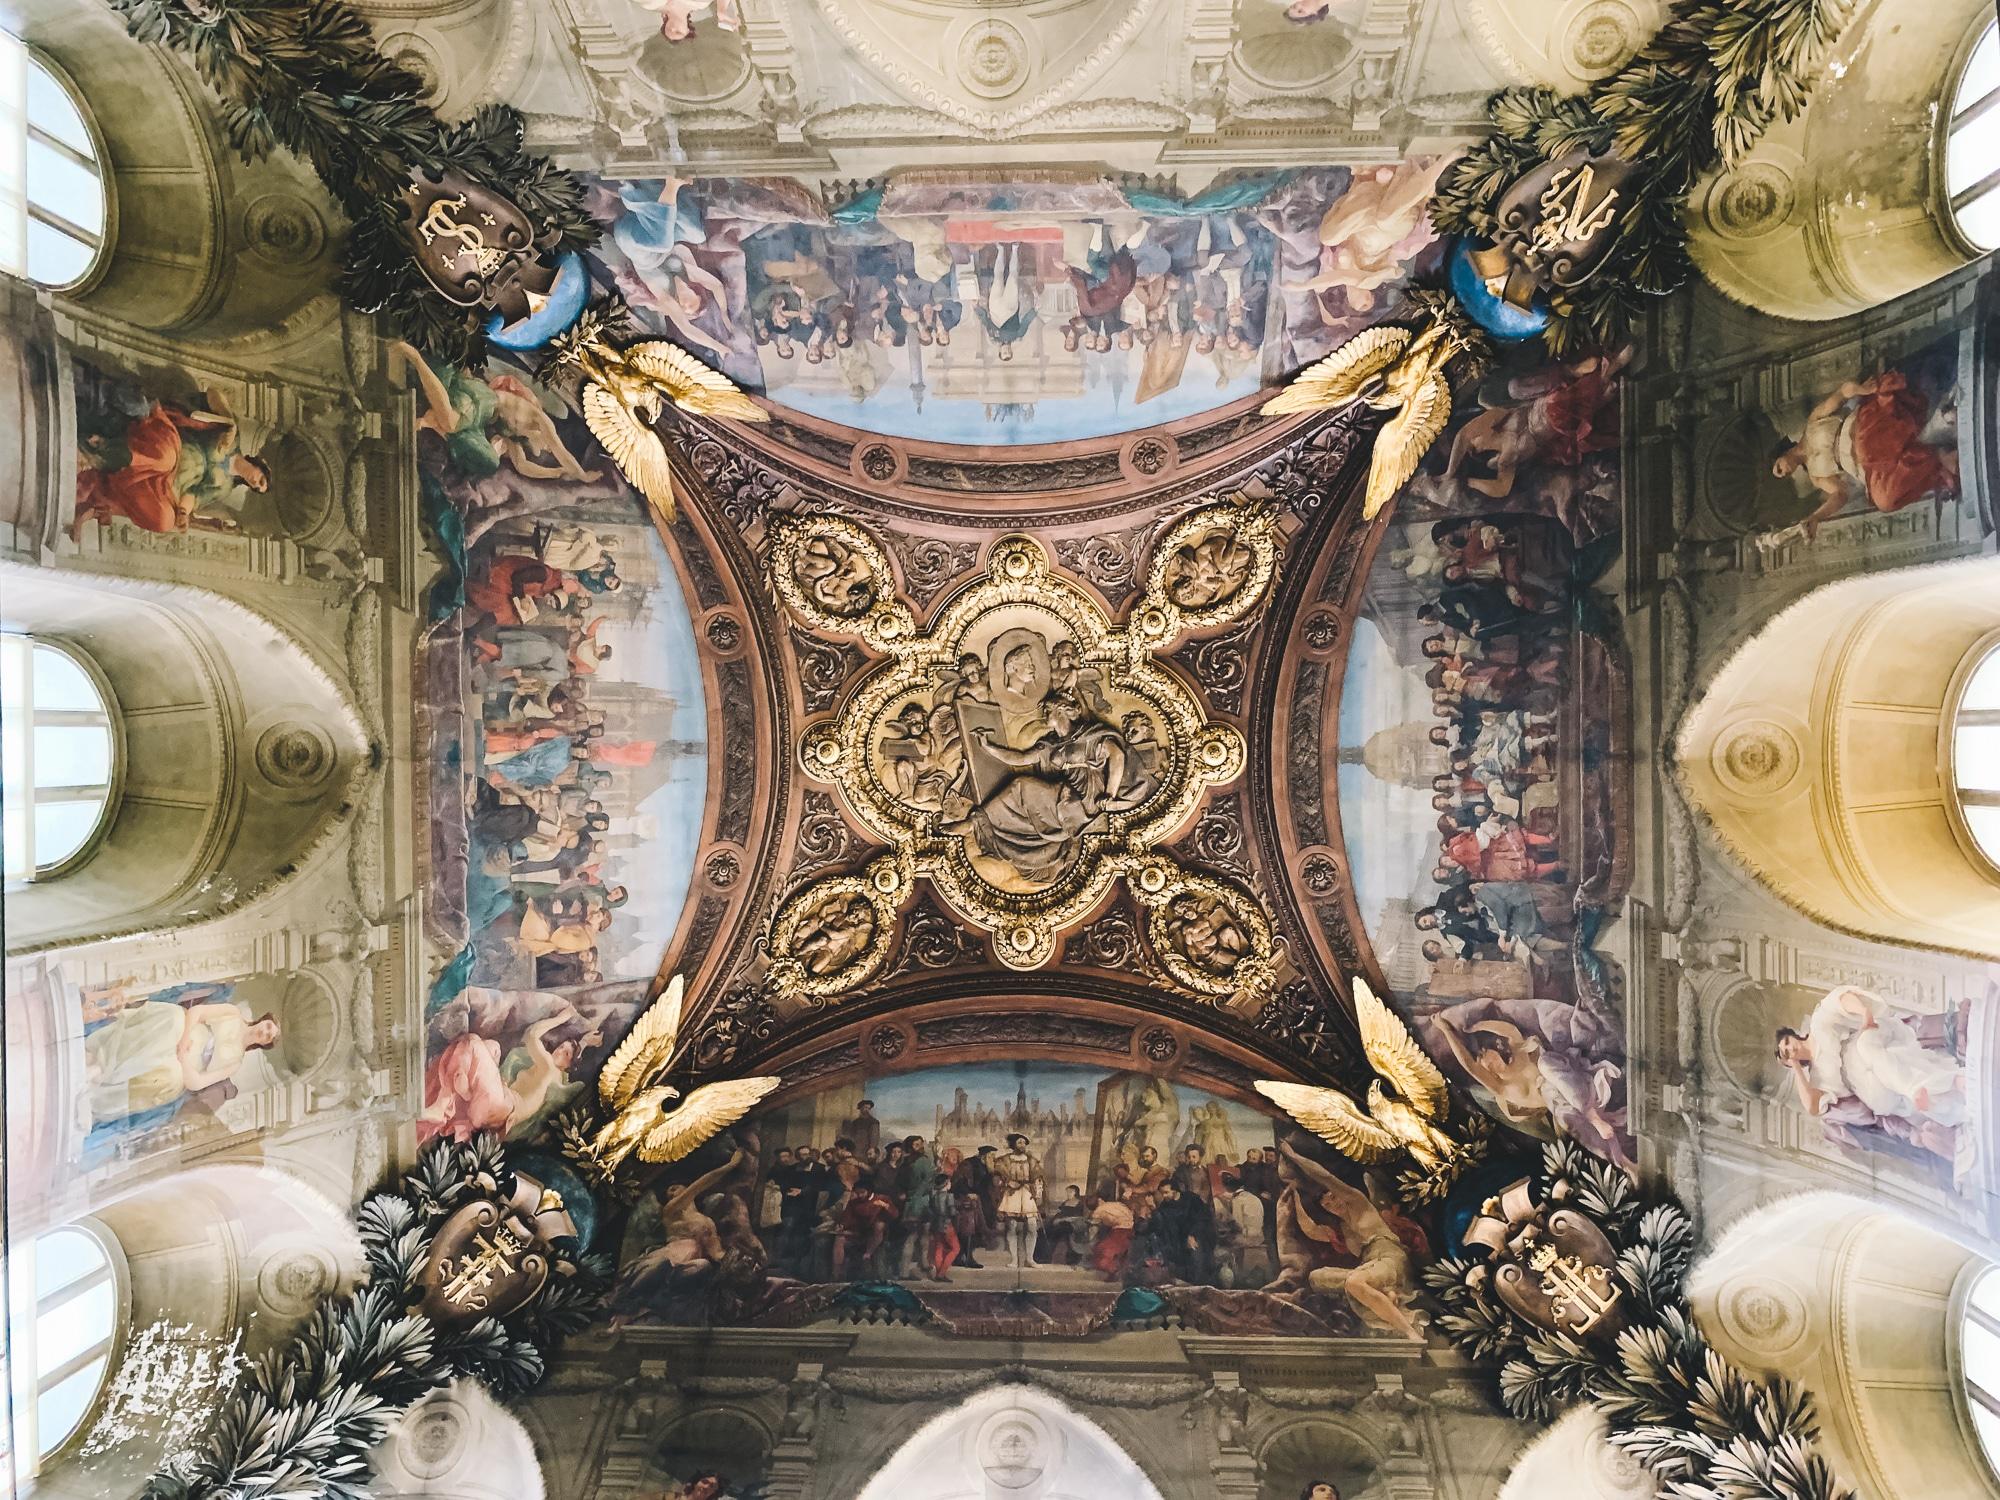 Schönste Fotospots in Paris - und meine liebsten Instagram Hotspots - Louvre Museum Deckenmalerei